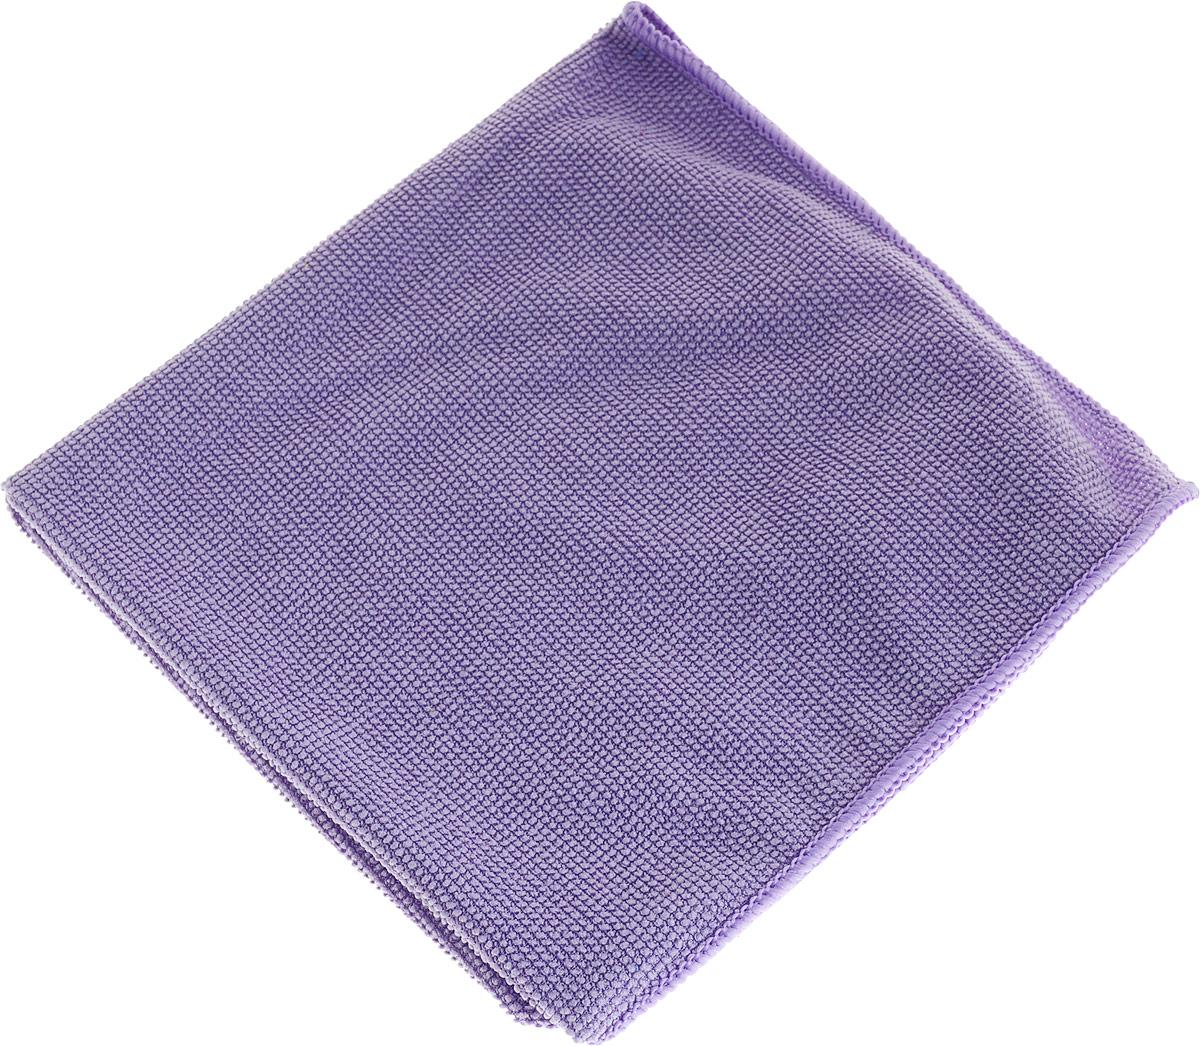 Салфетка для удаления пыли Scotch-Brite, цвет в ассортименте, 32 х 30 см цены онлайн